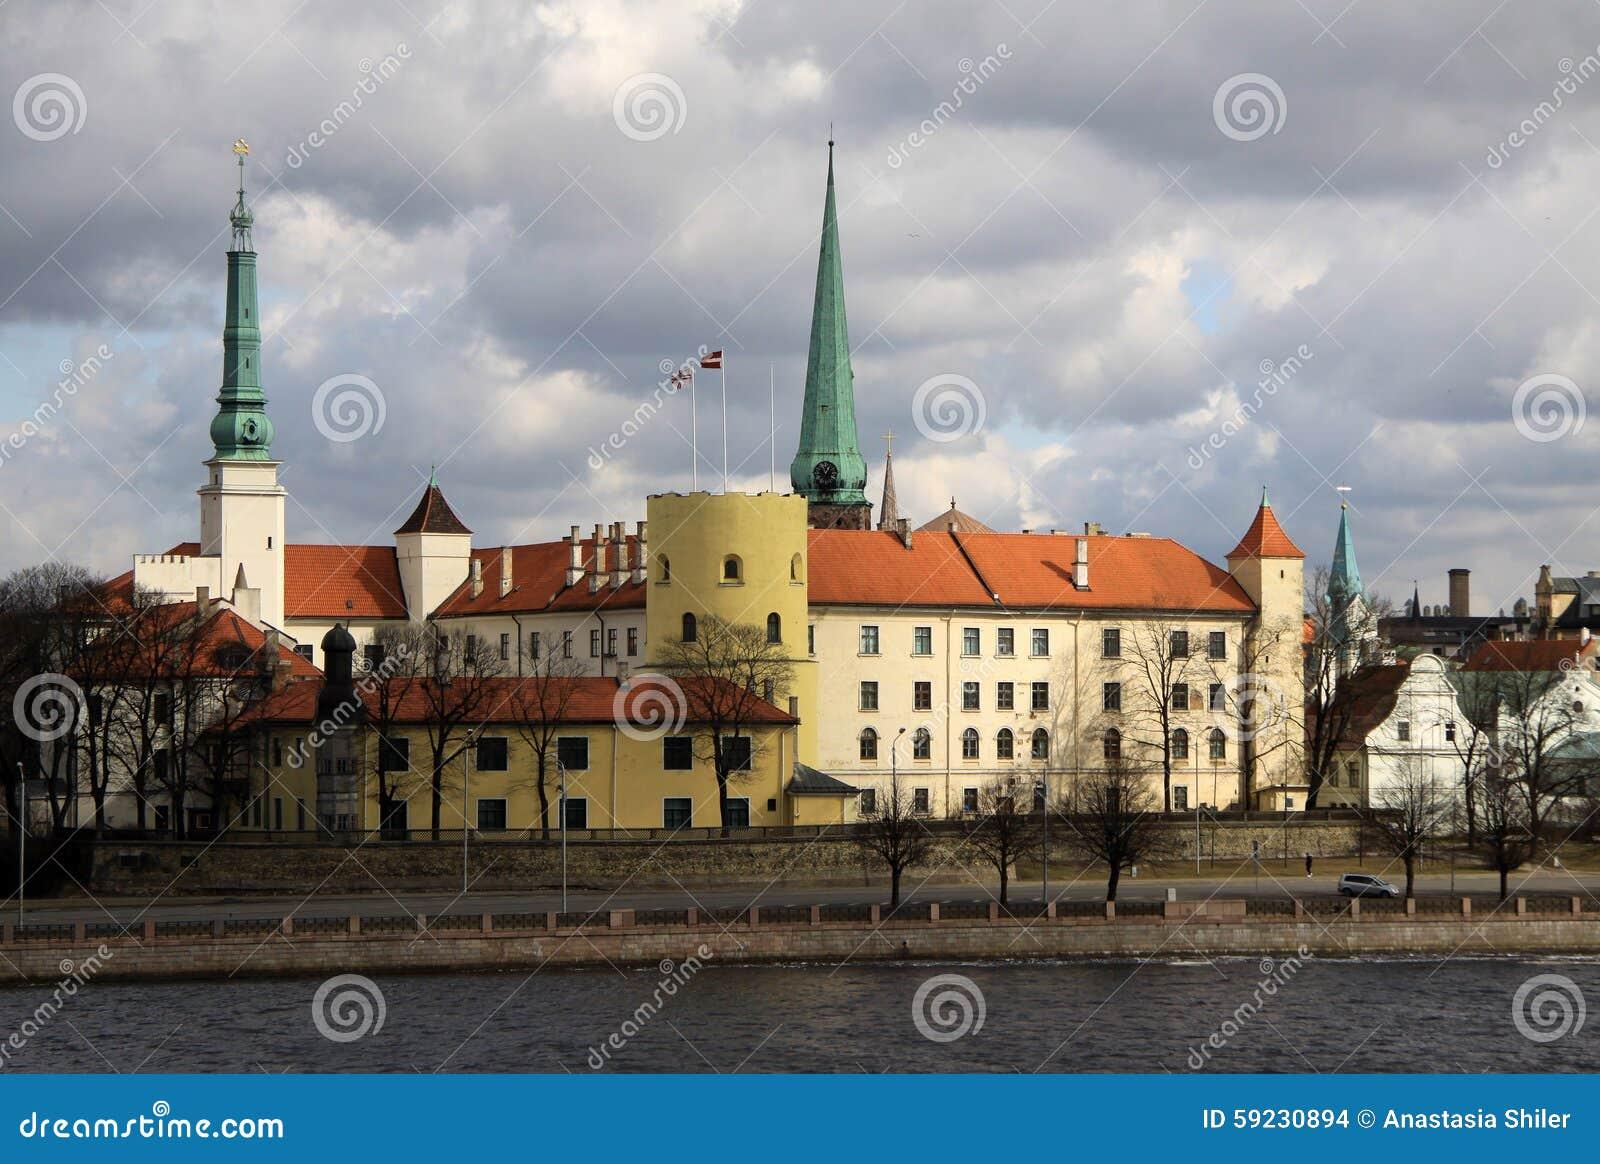 παλαιά πόλη της Ρήγας κατοικιών Προέδρου της Λετονίας κάστρων Το κάστρο είναι μια κατοικία για έναν Πρόεδρο της Λετονίας (παλαιά